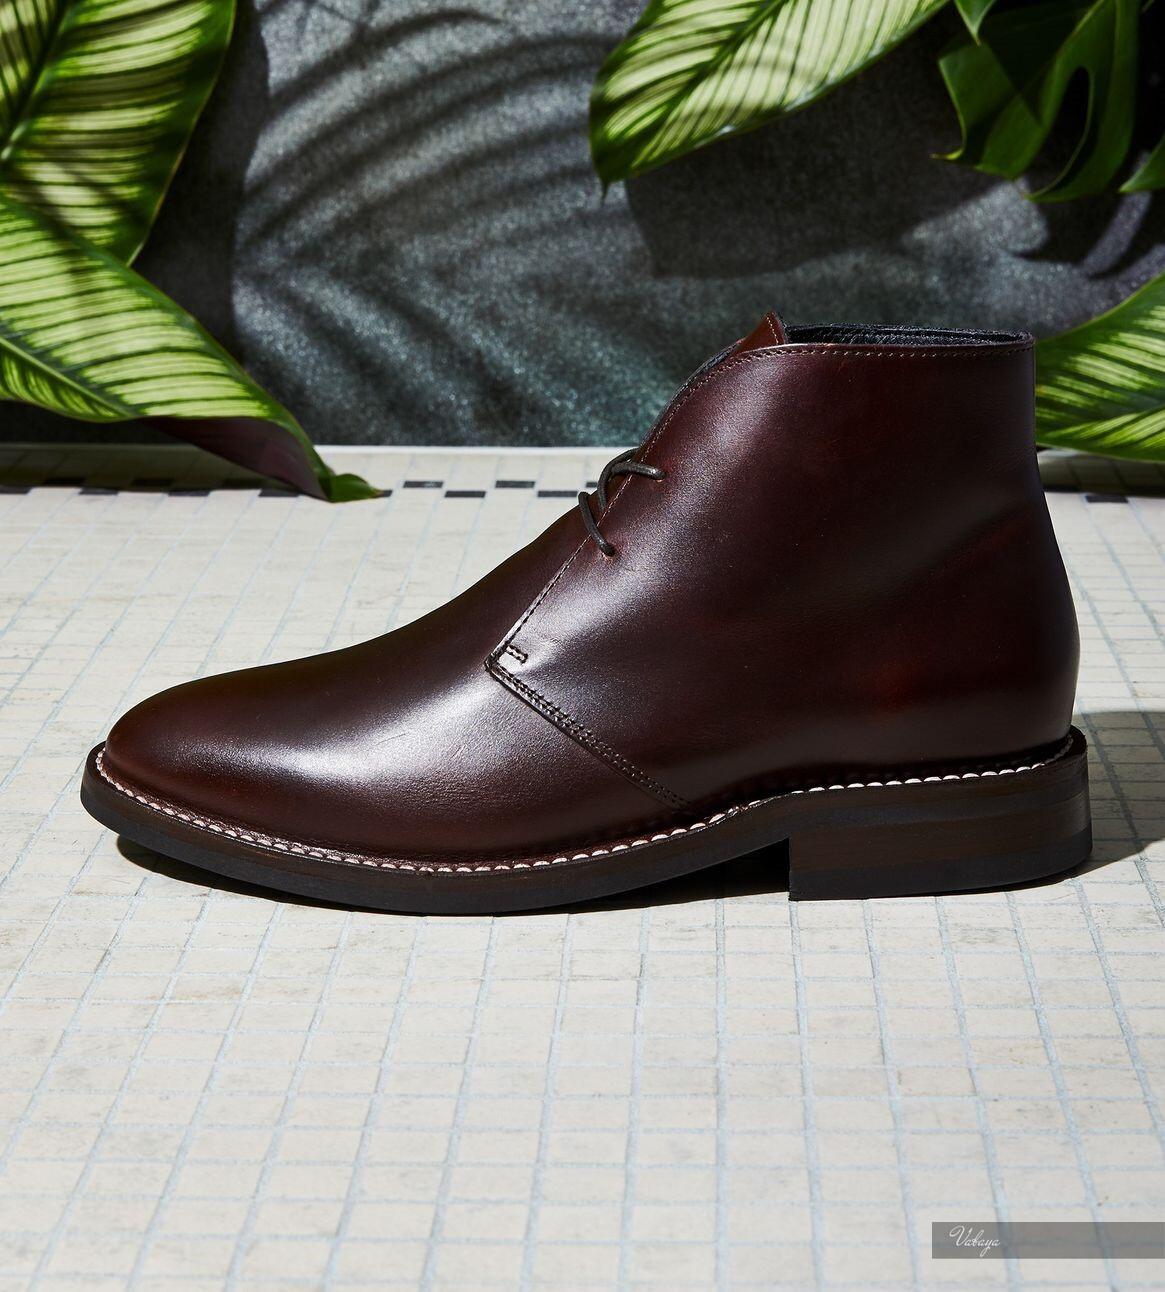 Mẫu giày này giúp nam giới có vẻ ngoài nam tính, lãng tử hơn.